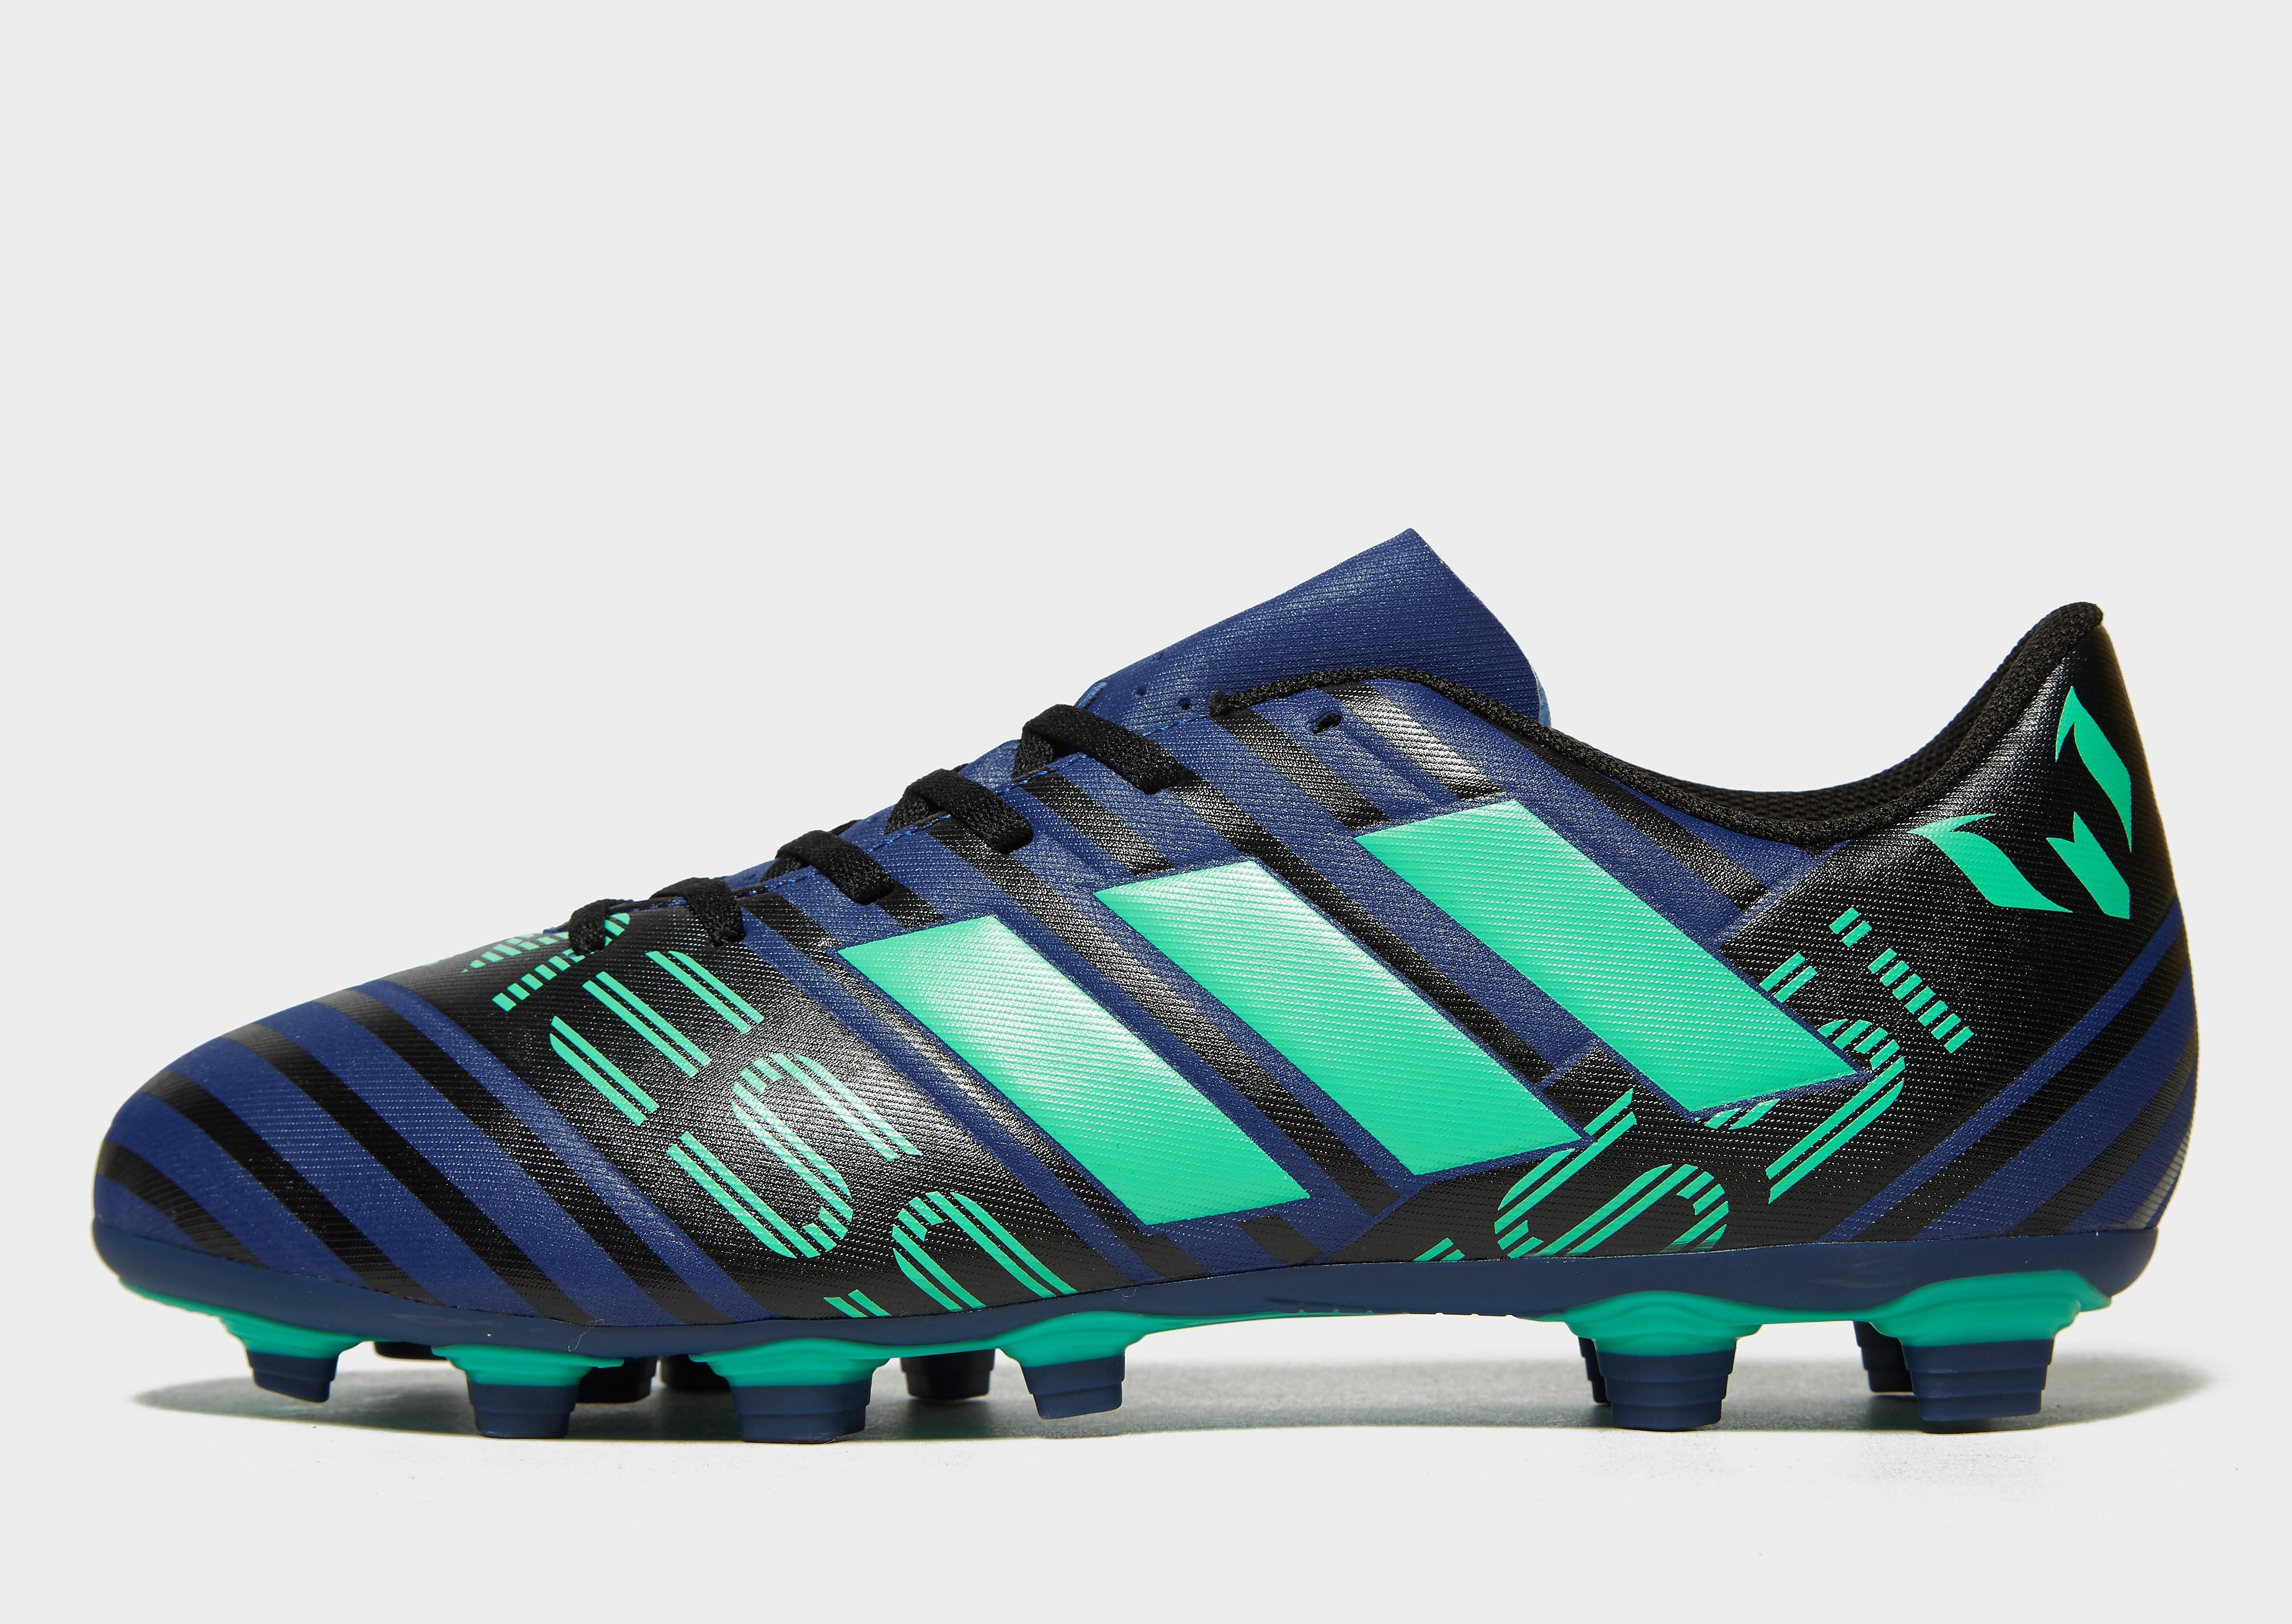 adidas Deadly Strike Nemeziz Messi 17.4 FG Homme